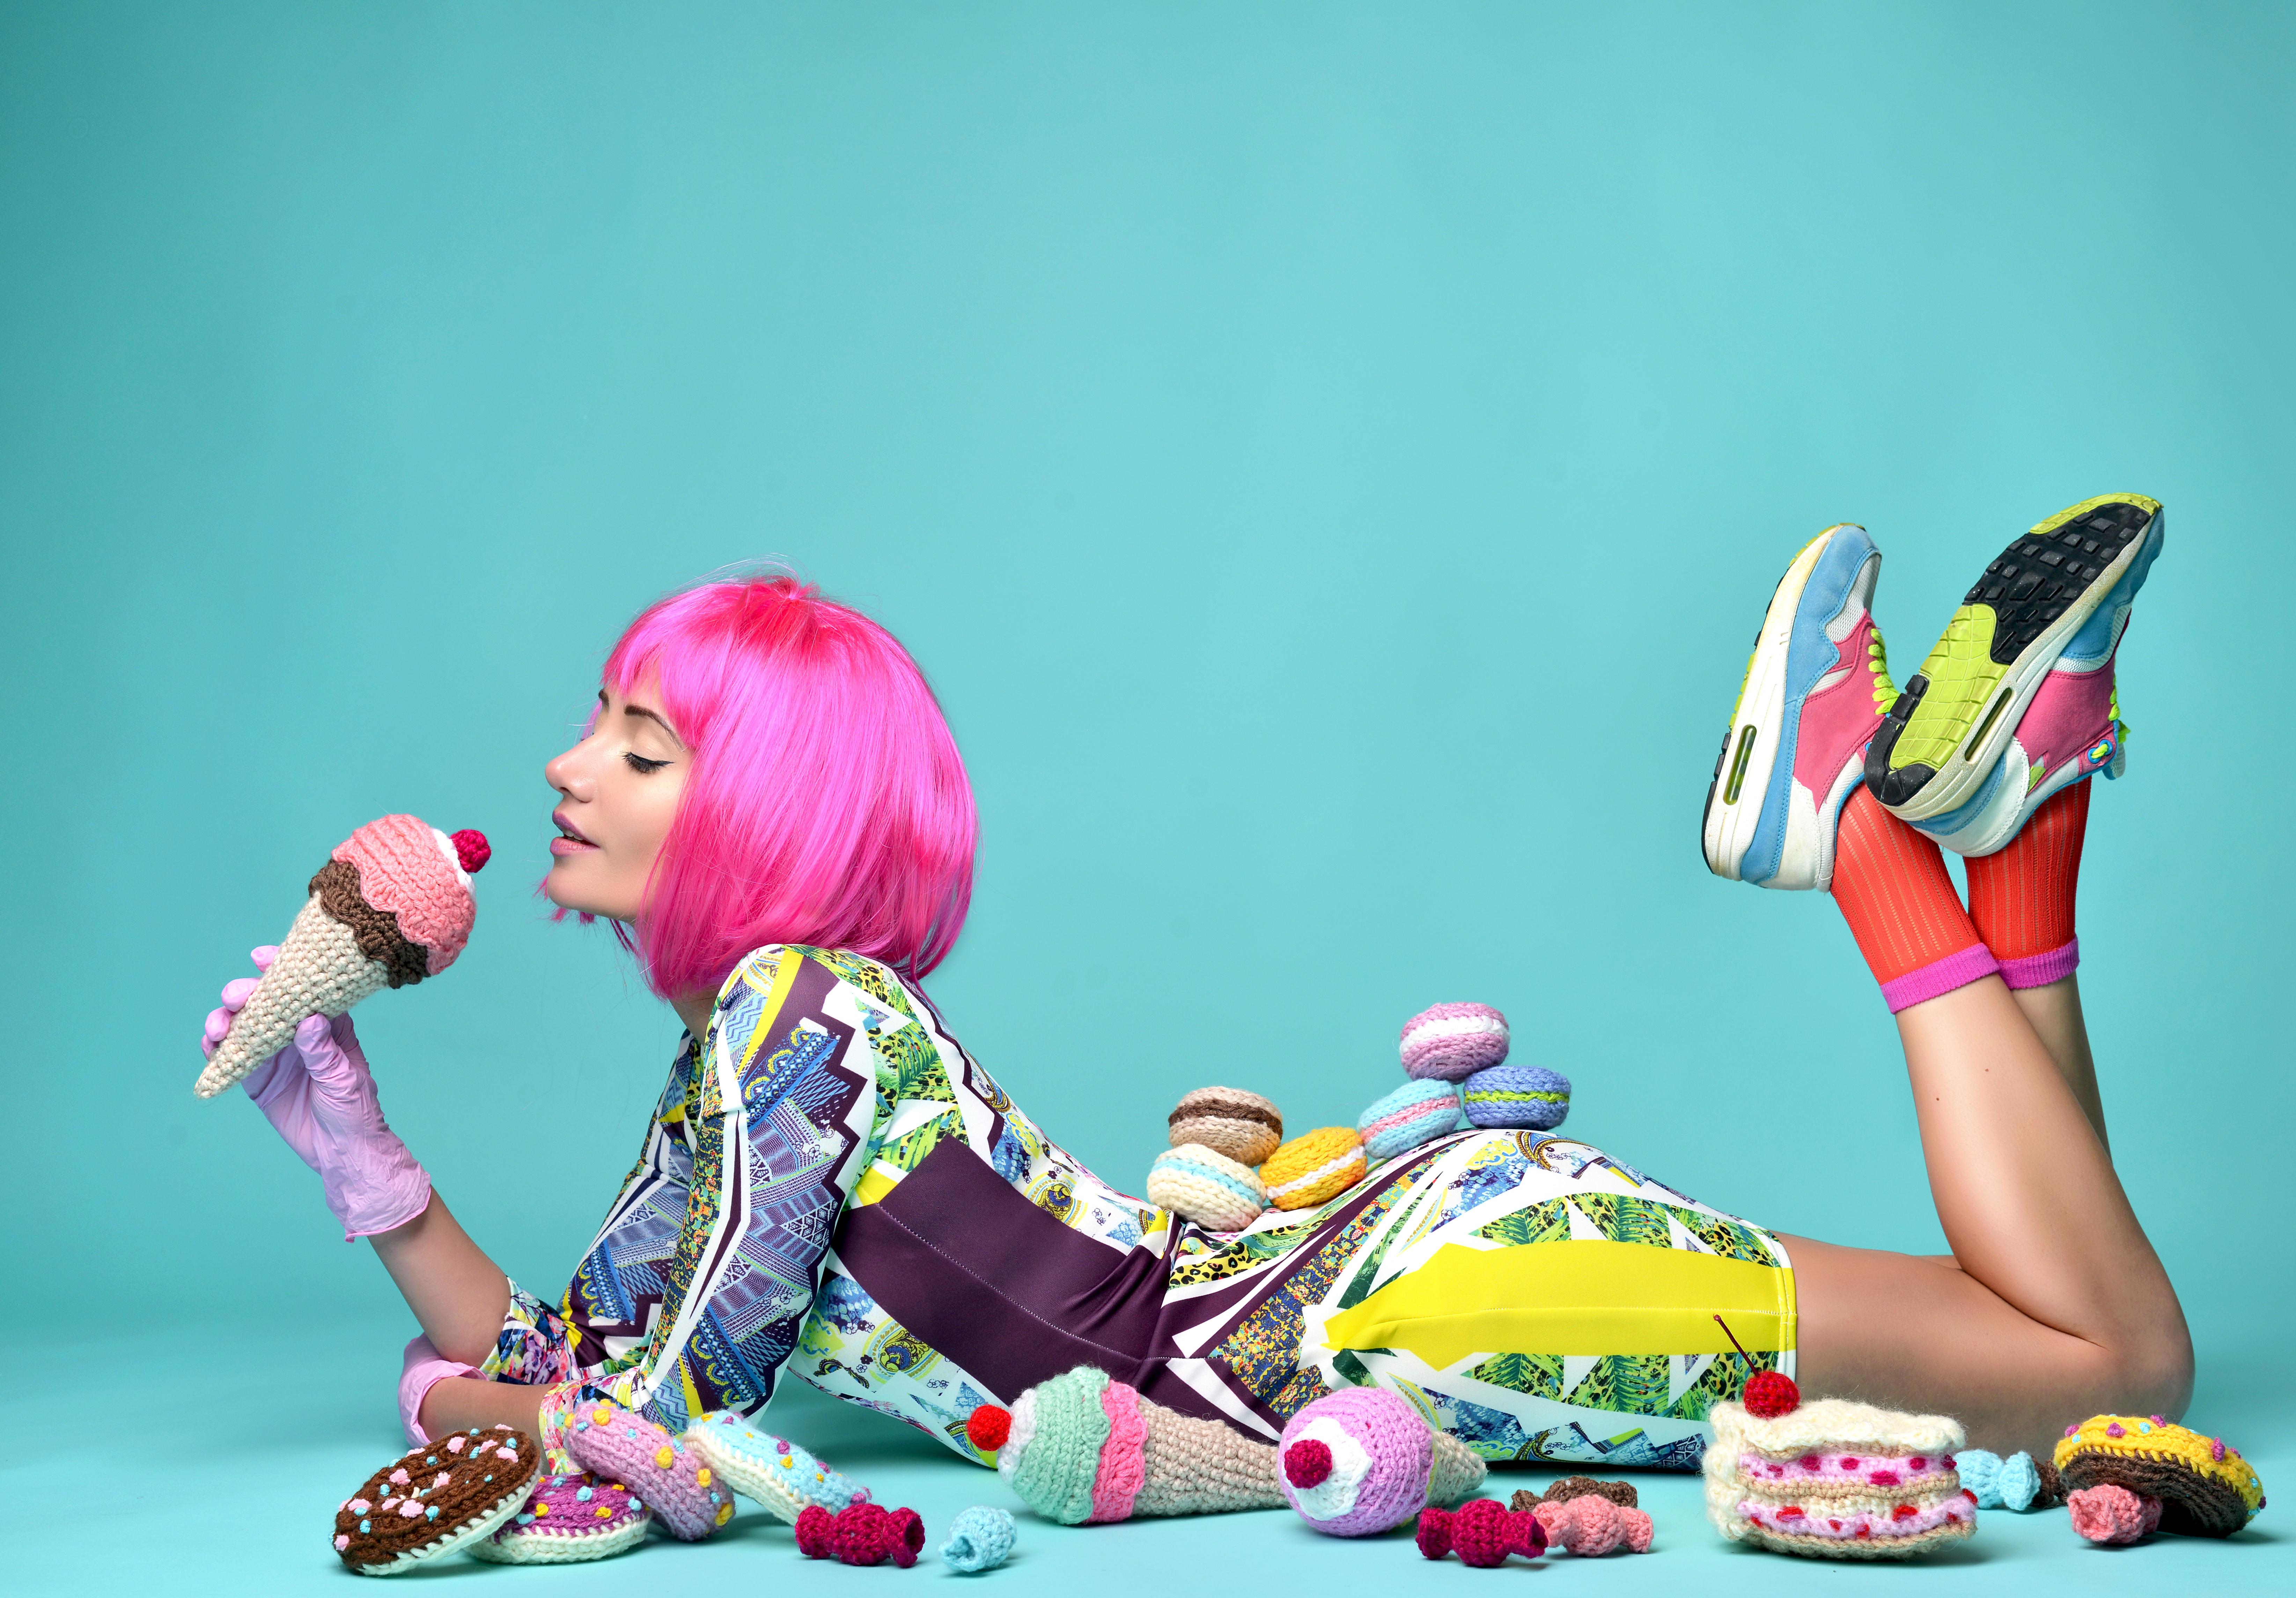 Картинка: Девушка, лежит, стиль, продукты, вязаное, мороженое, пироженки, бублики, фон